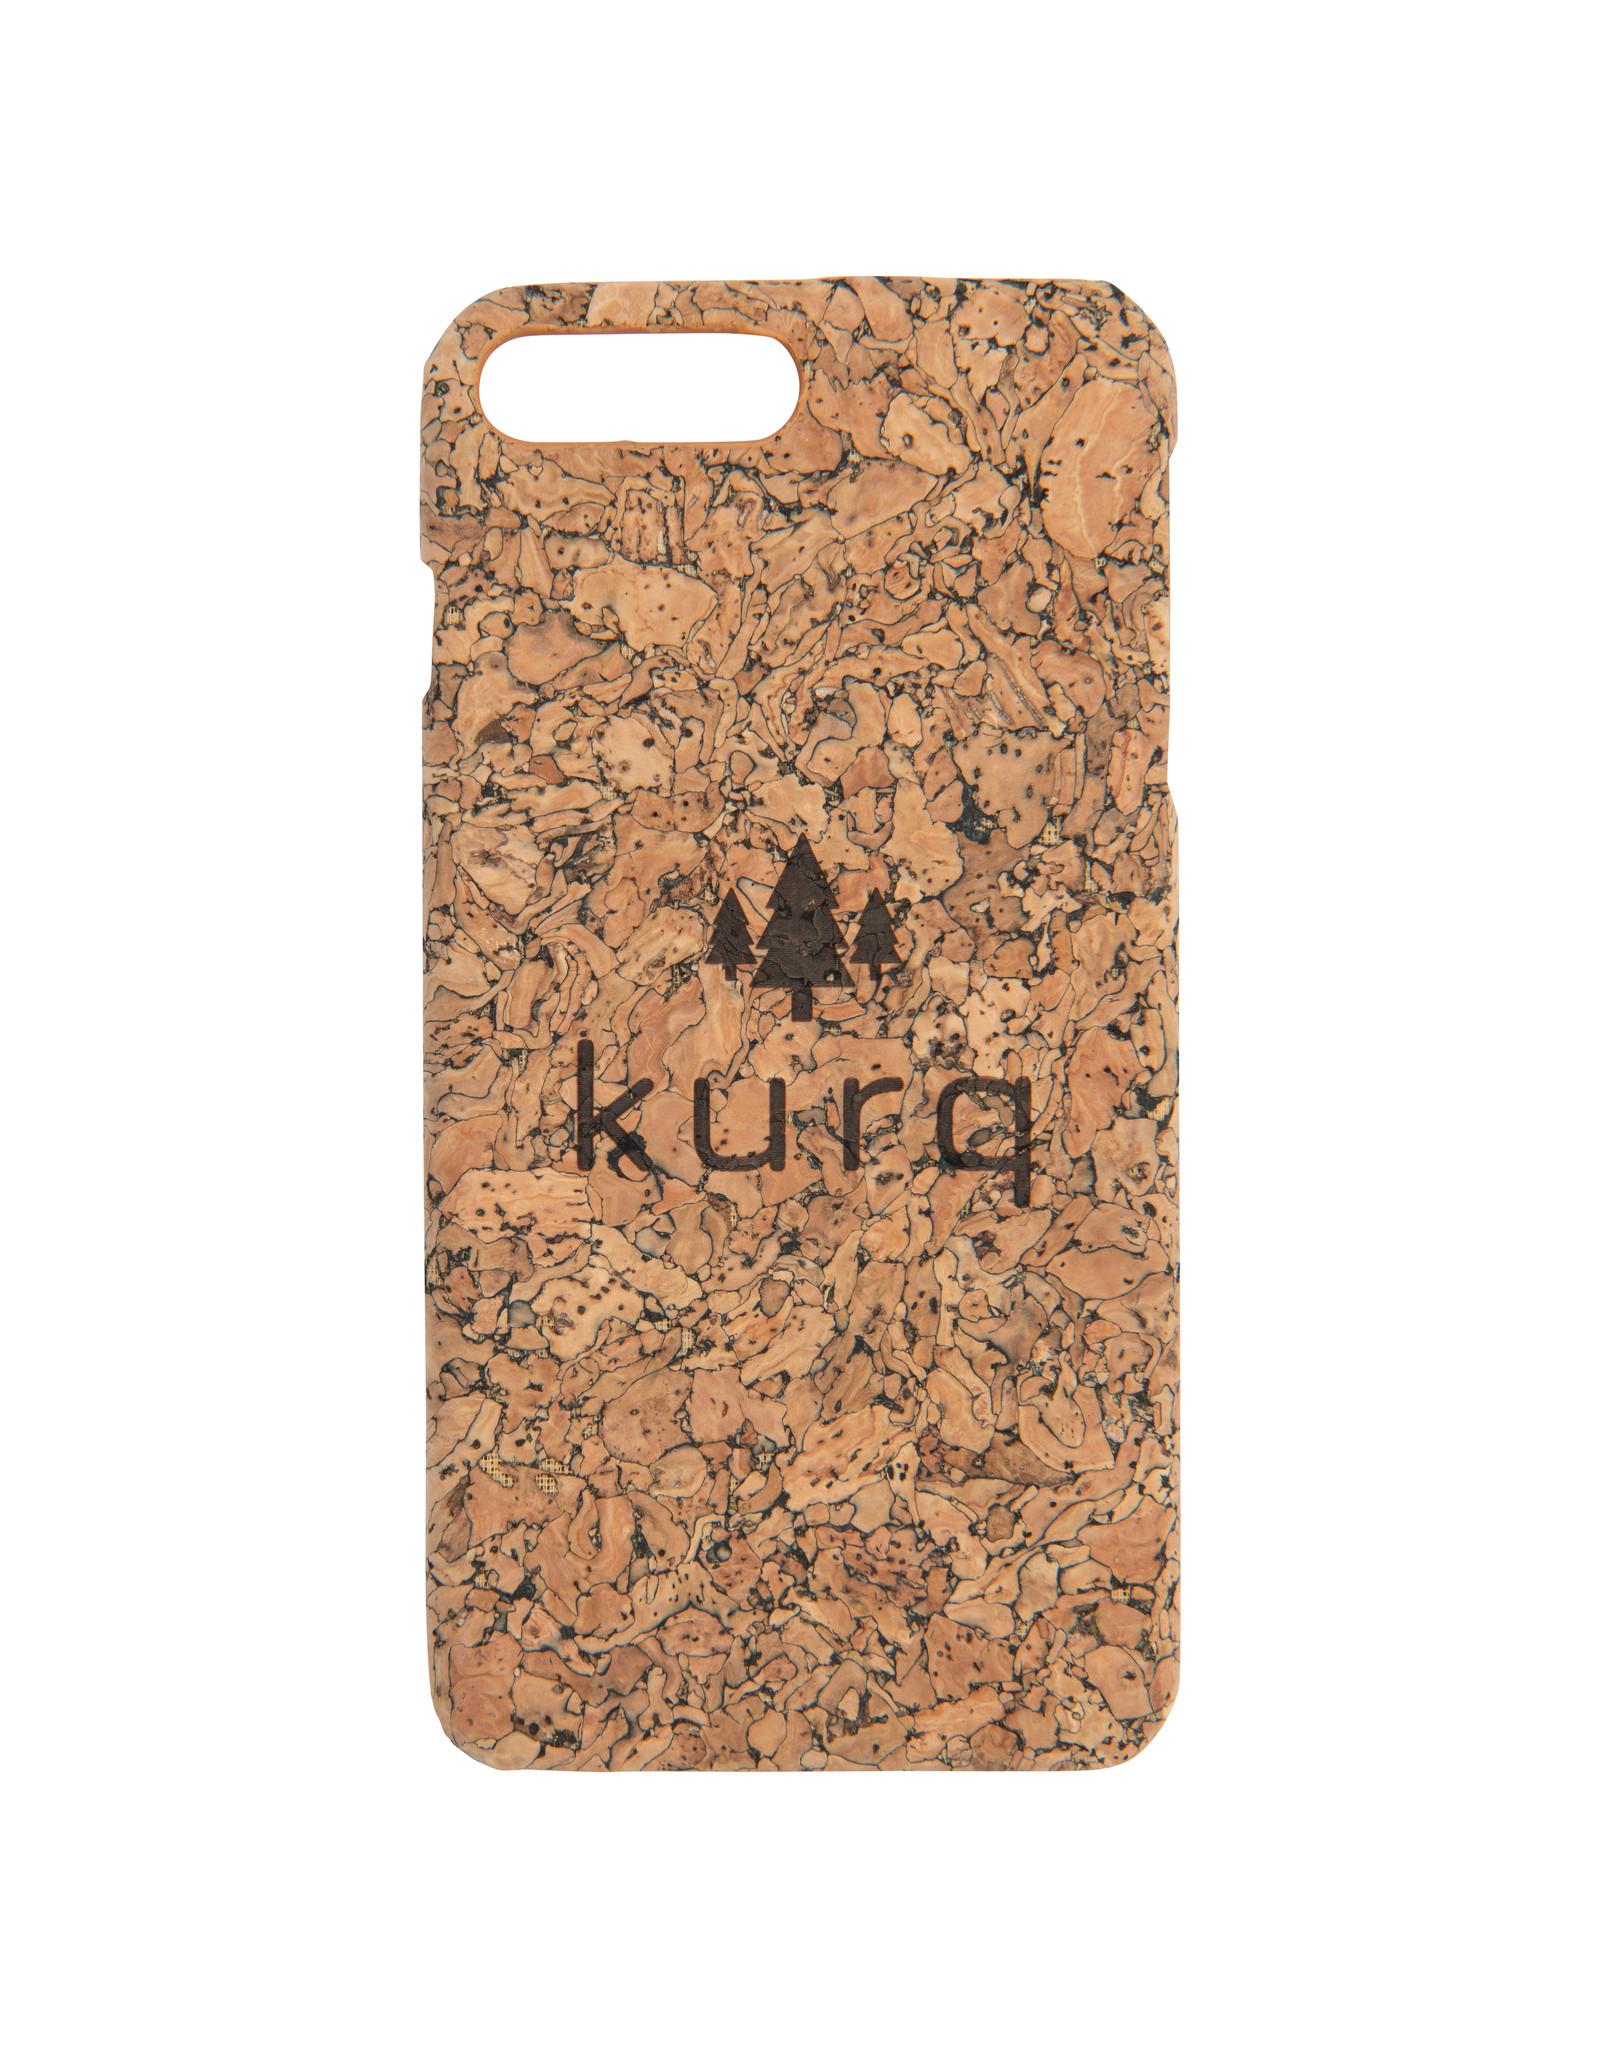 KURQ - Cork phone case for iPhone 7 Plus & iPhone 8 Plus